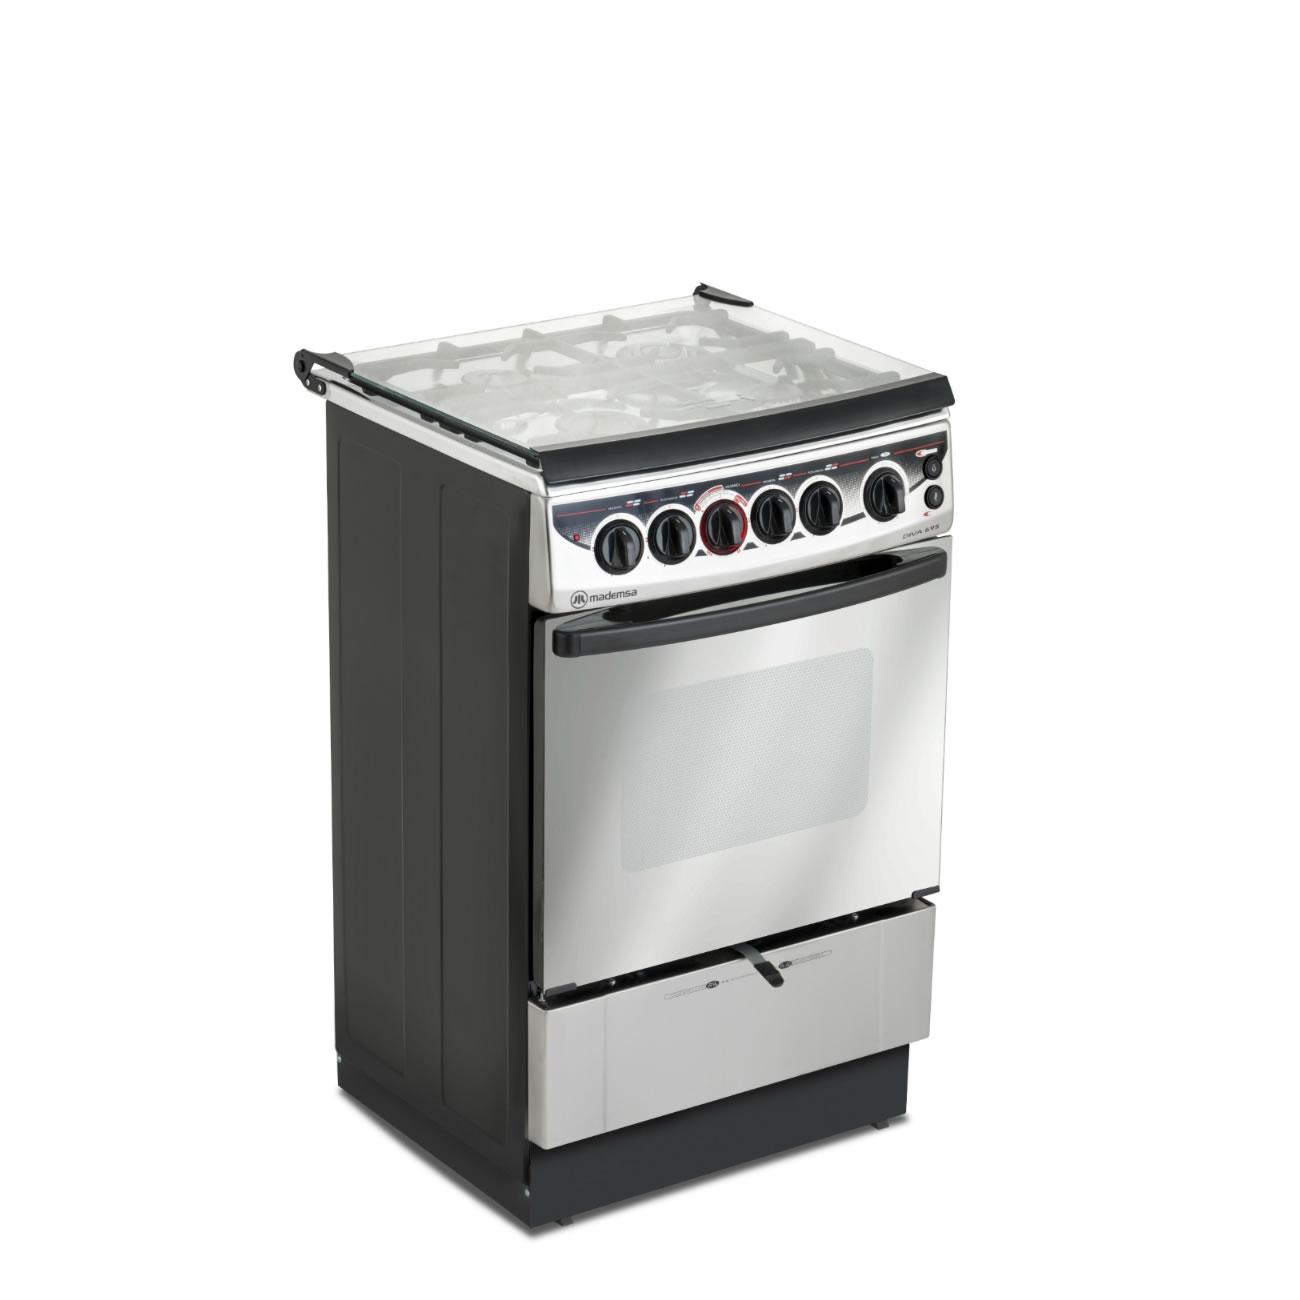 Cocina 4 platos diva 695 cocci n mademsa todo lo que - Cocina encimera teka 4 platos ...